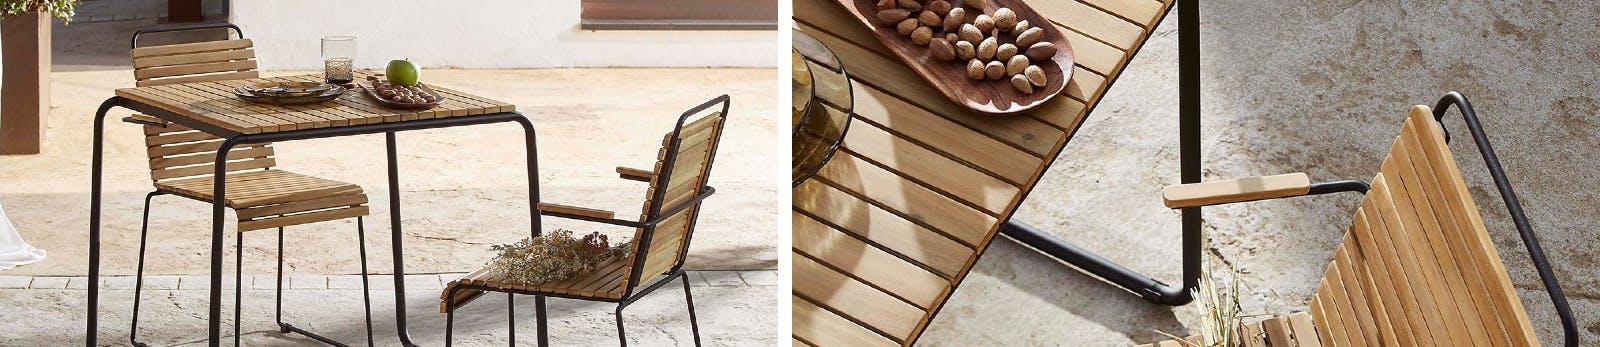 Gartenmöbel aus Holz mit Metallgestell